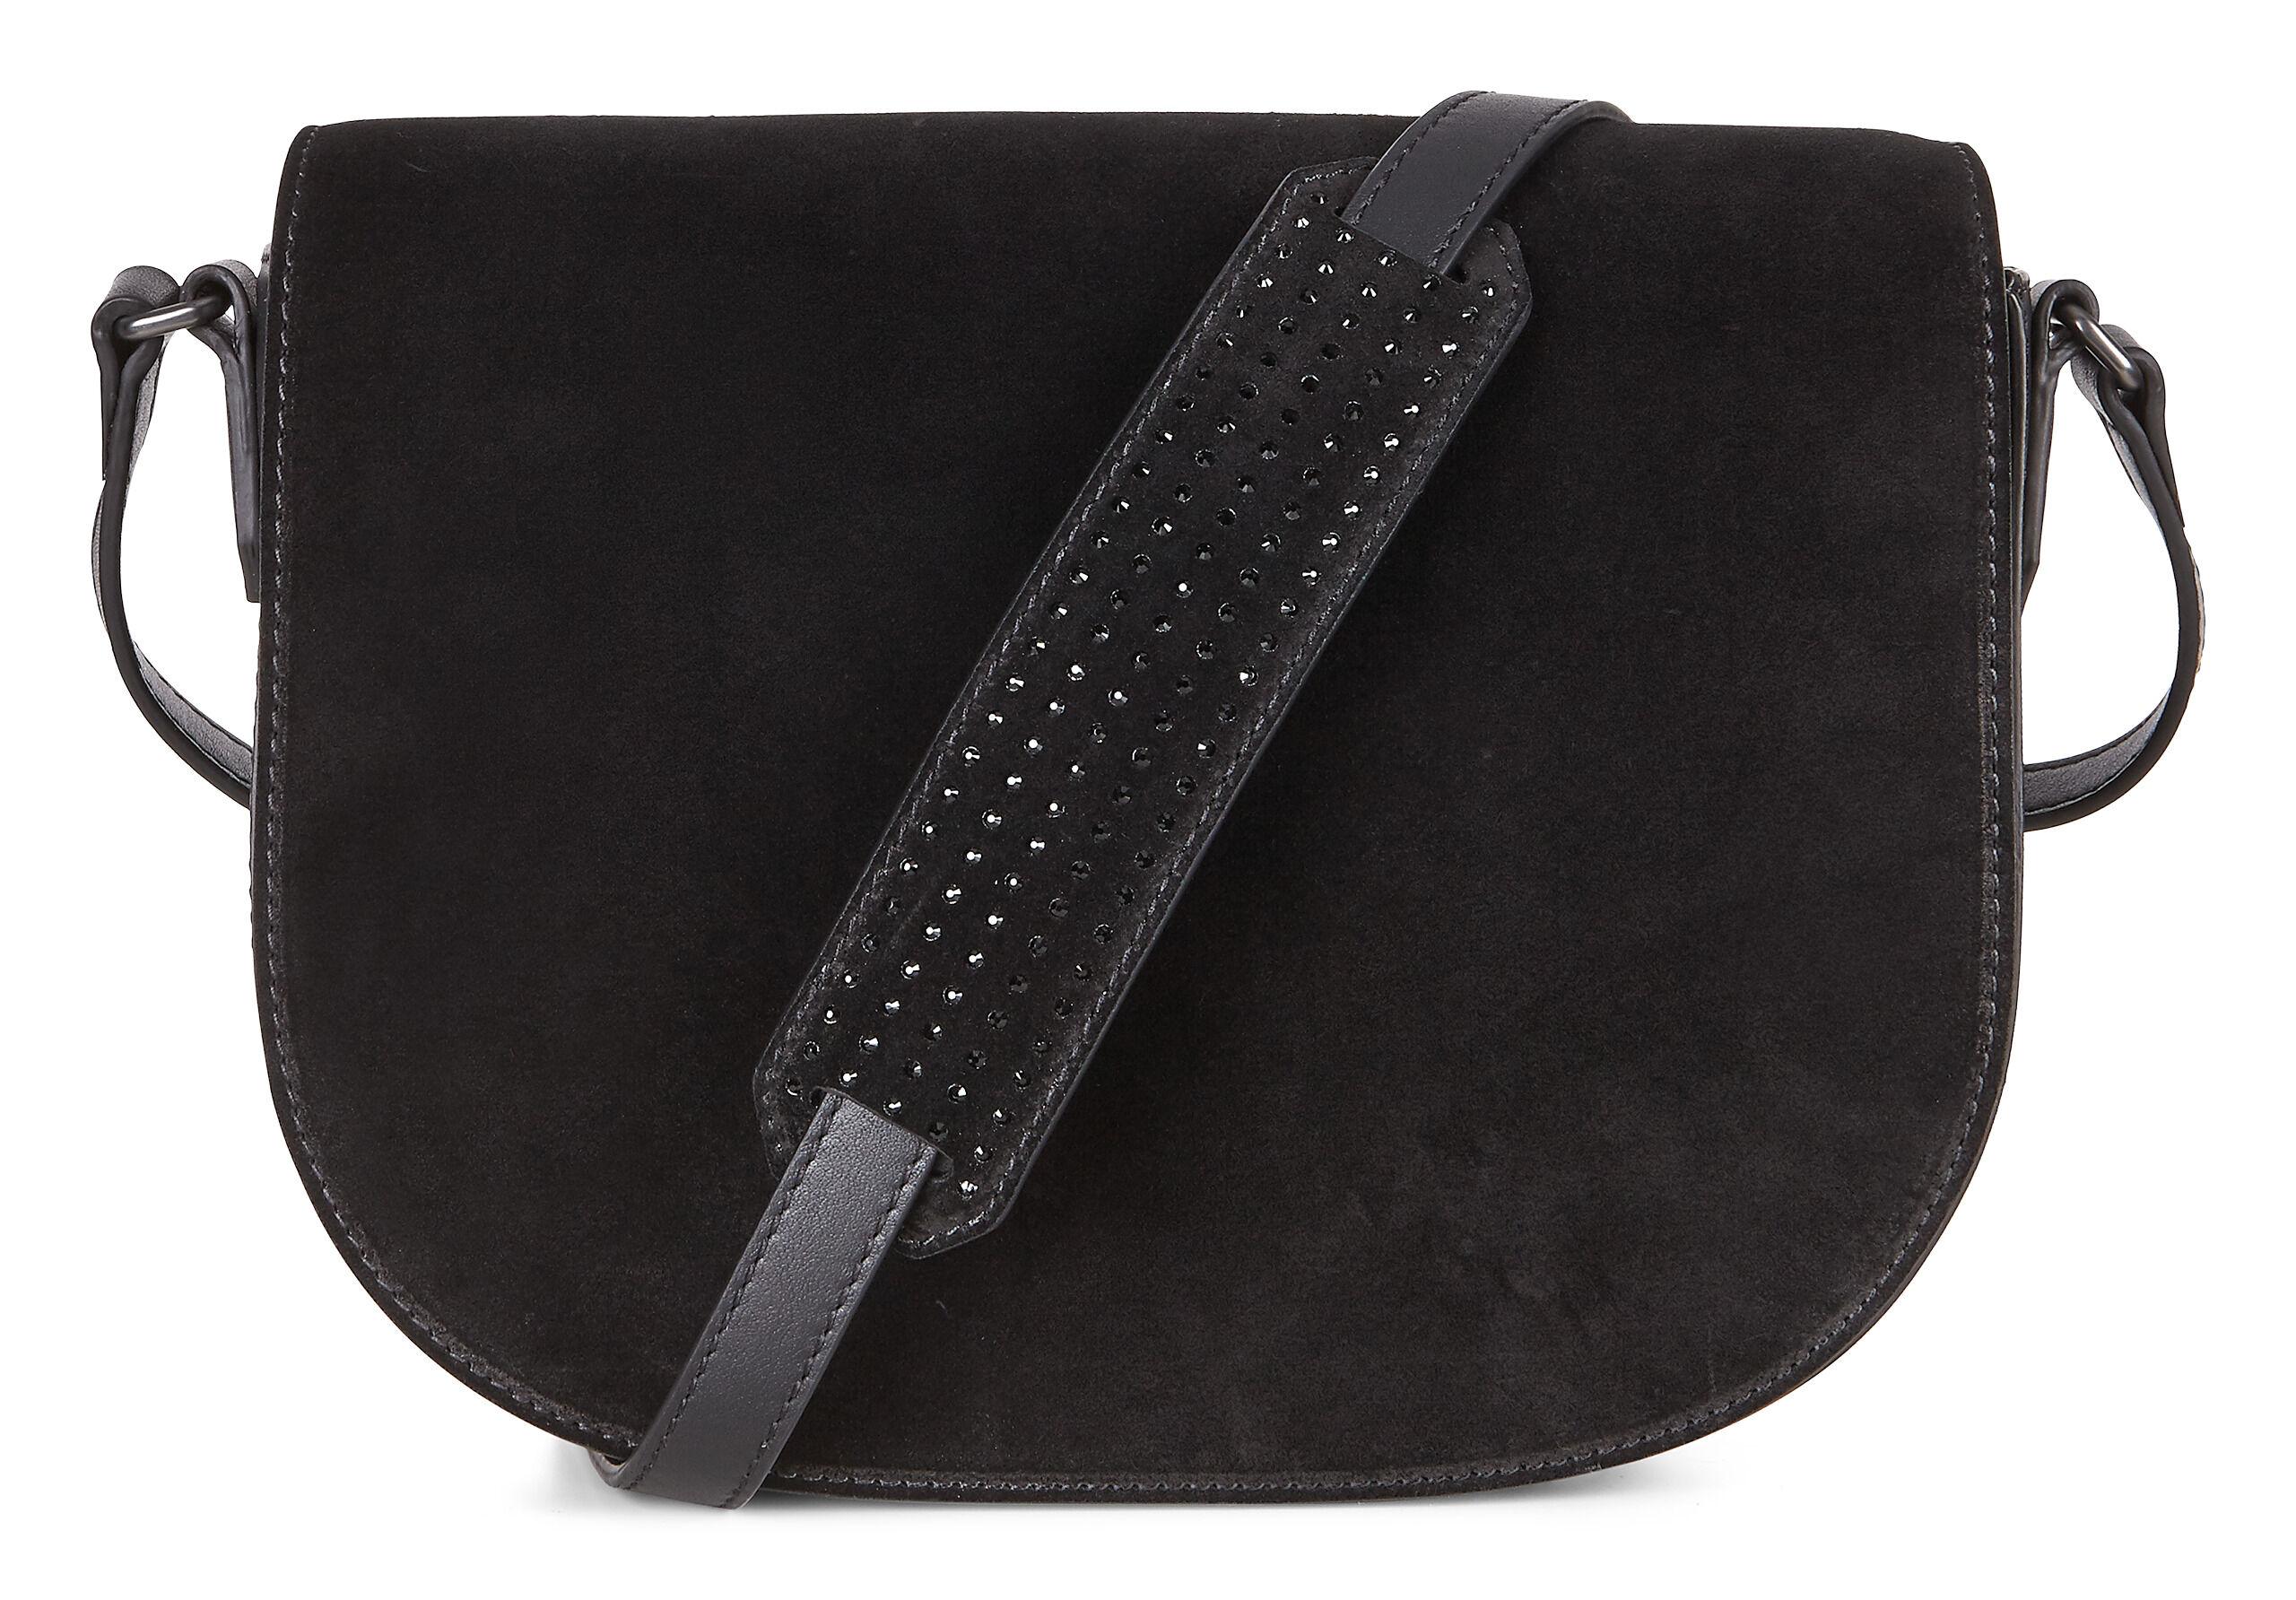 ECCO Joliet Medium Saddle Bag